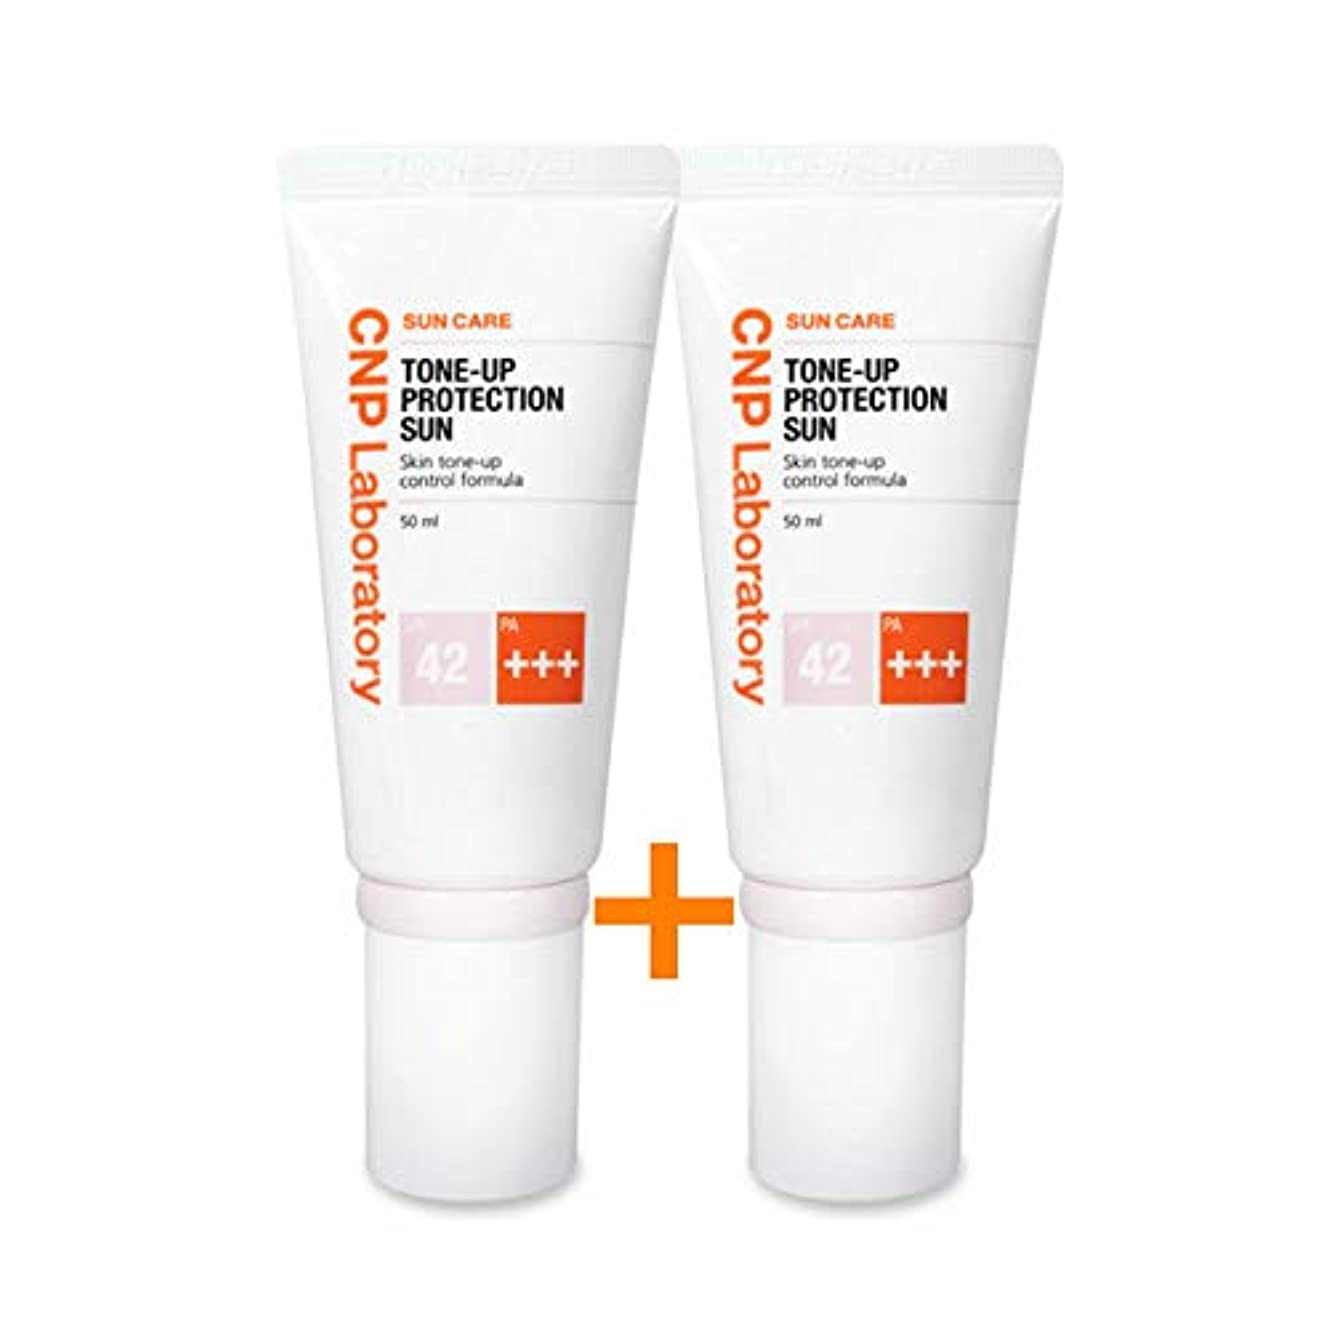 自動疲れた満足できる[ 1 + 1 ] CNPトンオププロテクションサン?クリーム紫外線遮断剤 (SPF42 / PA+++) 50ml、CNP Tone-up Protection Sun Cream (SPF42 / PA+++) 50ml...